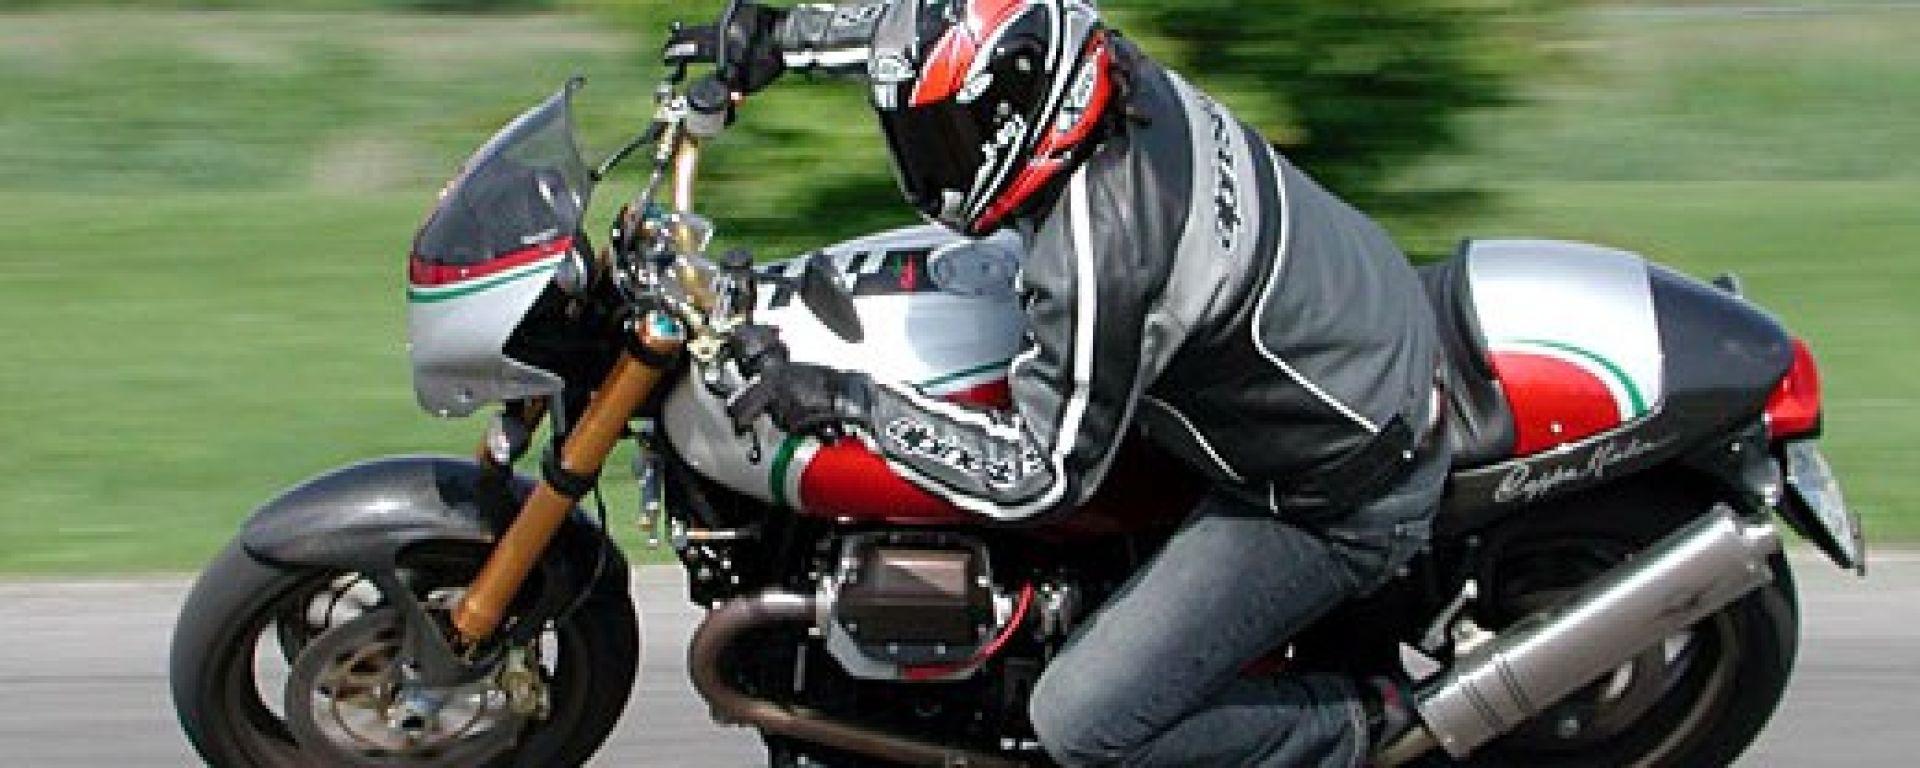 Moto Guzzi V11 Coppa Italia